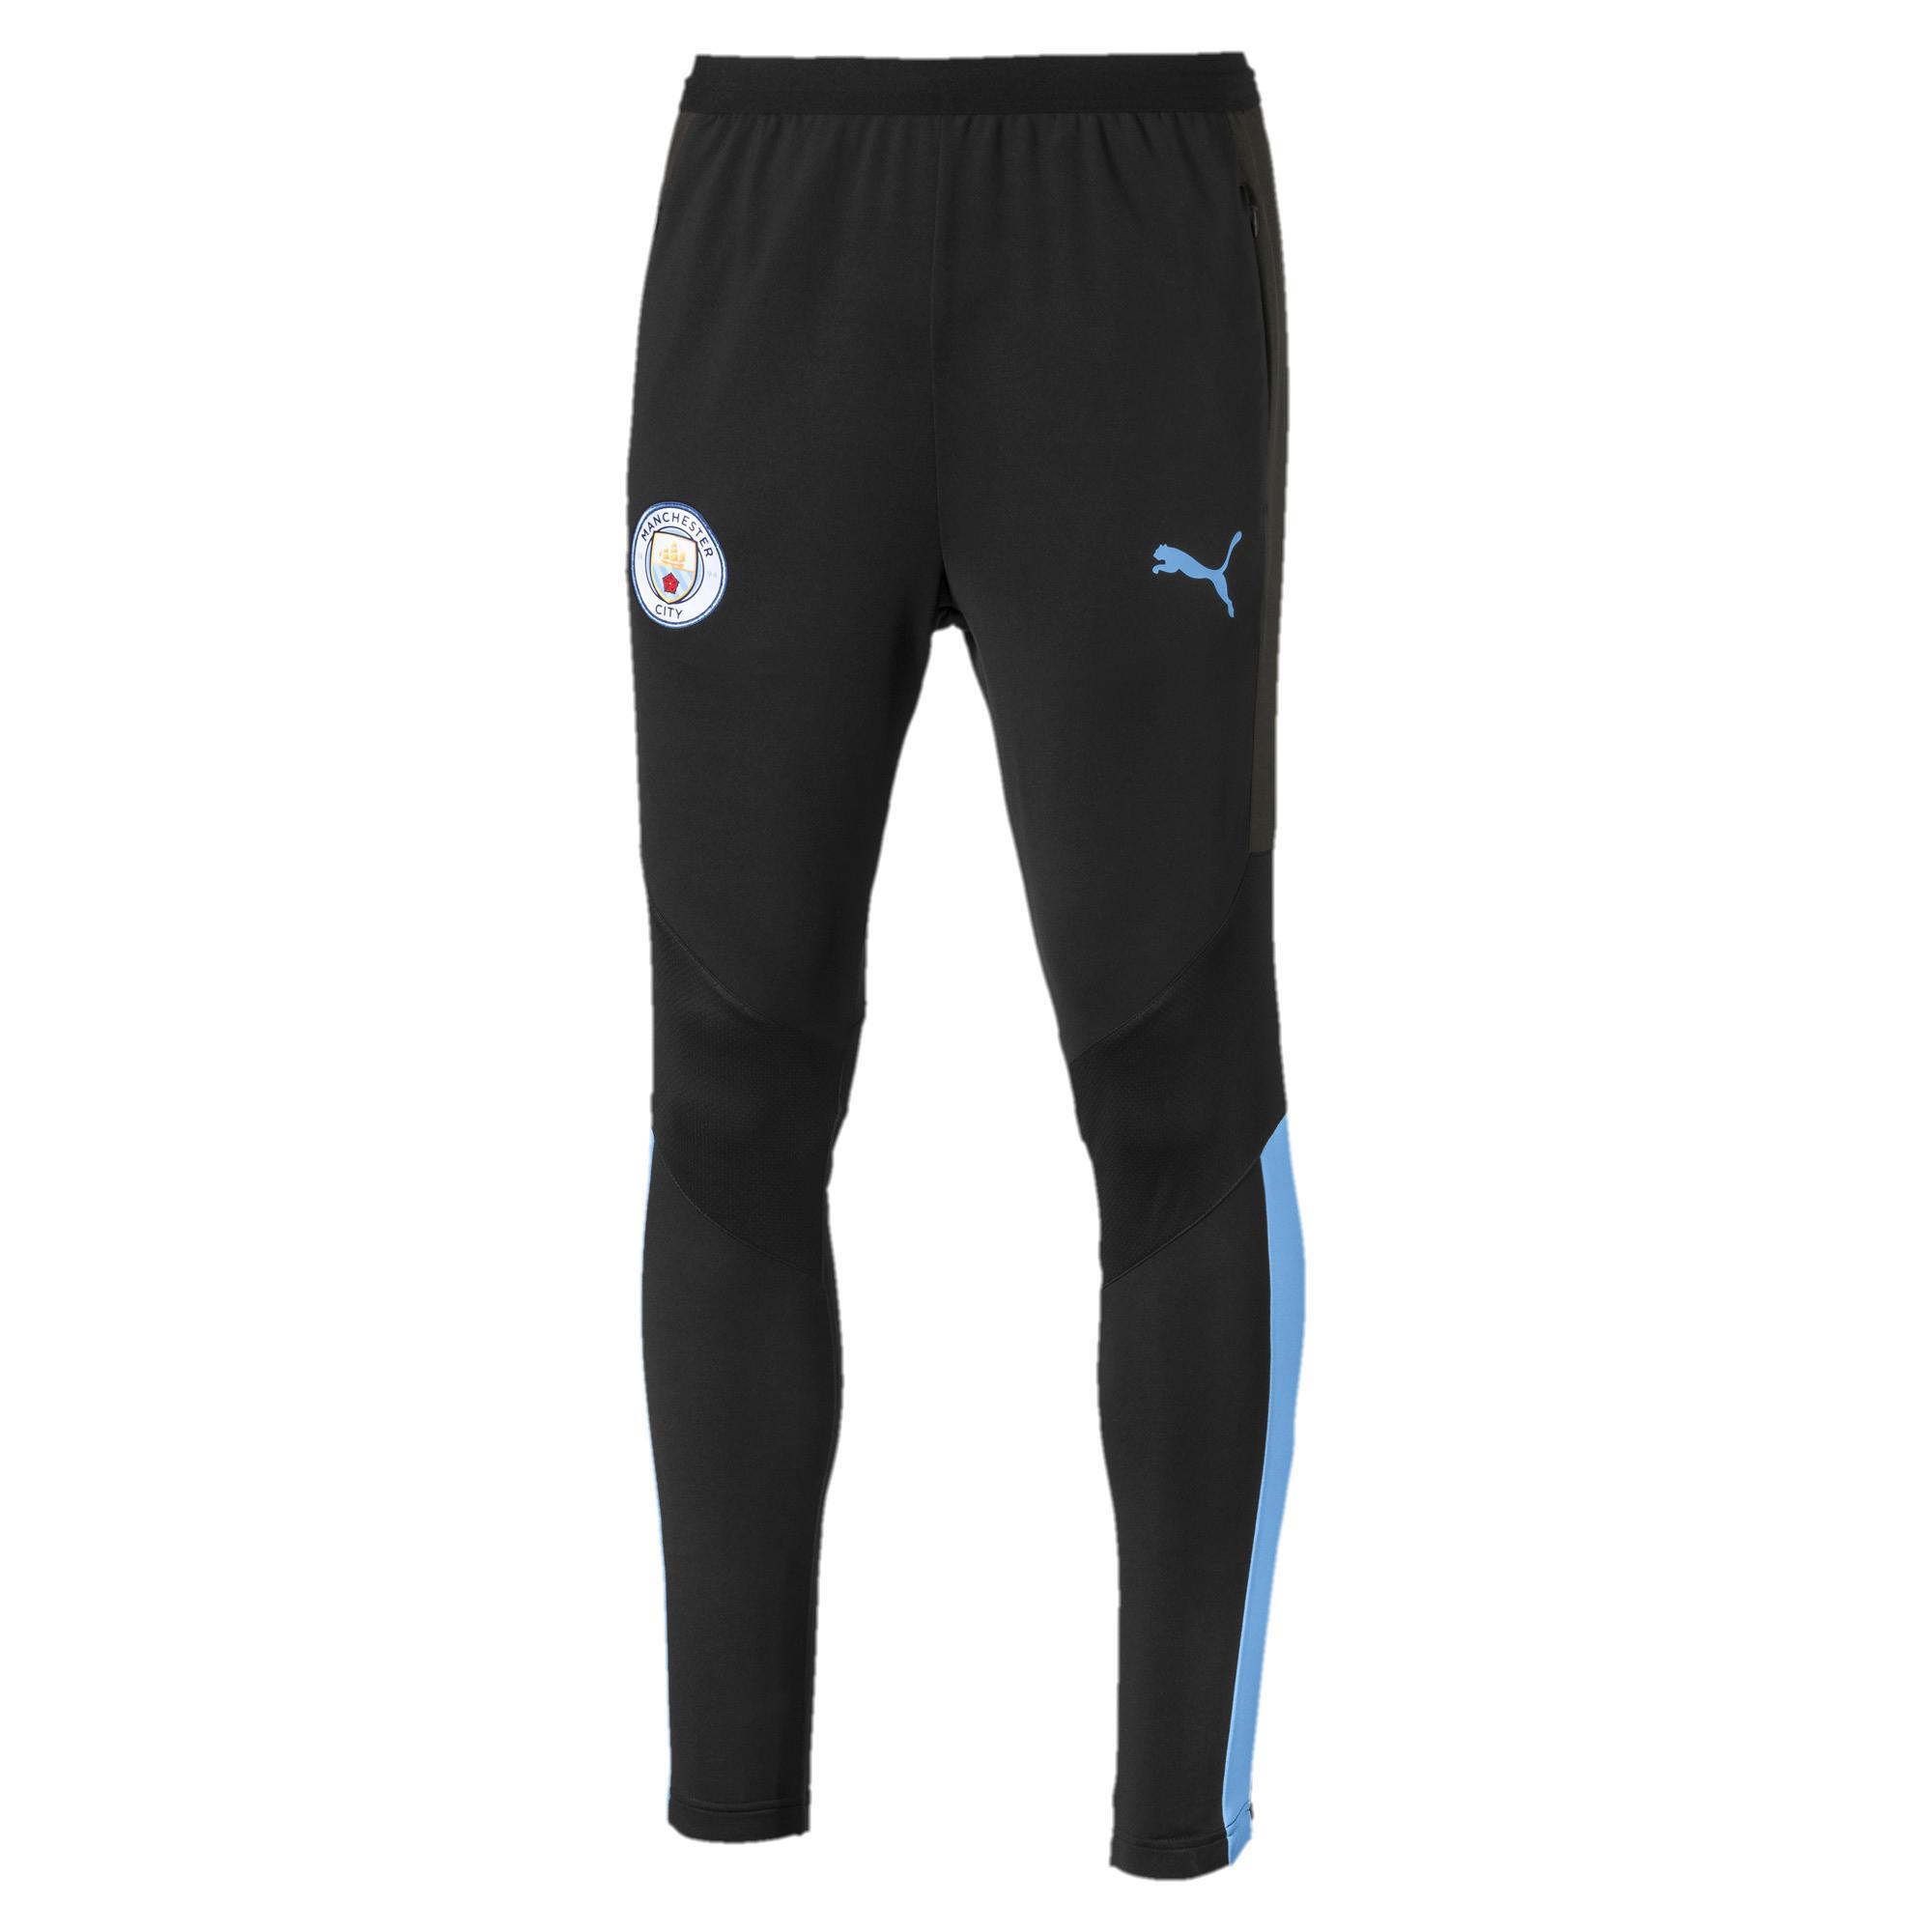 Puma Pantalone Allenamento Manchester City   19/20